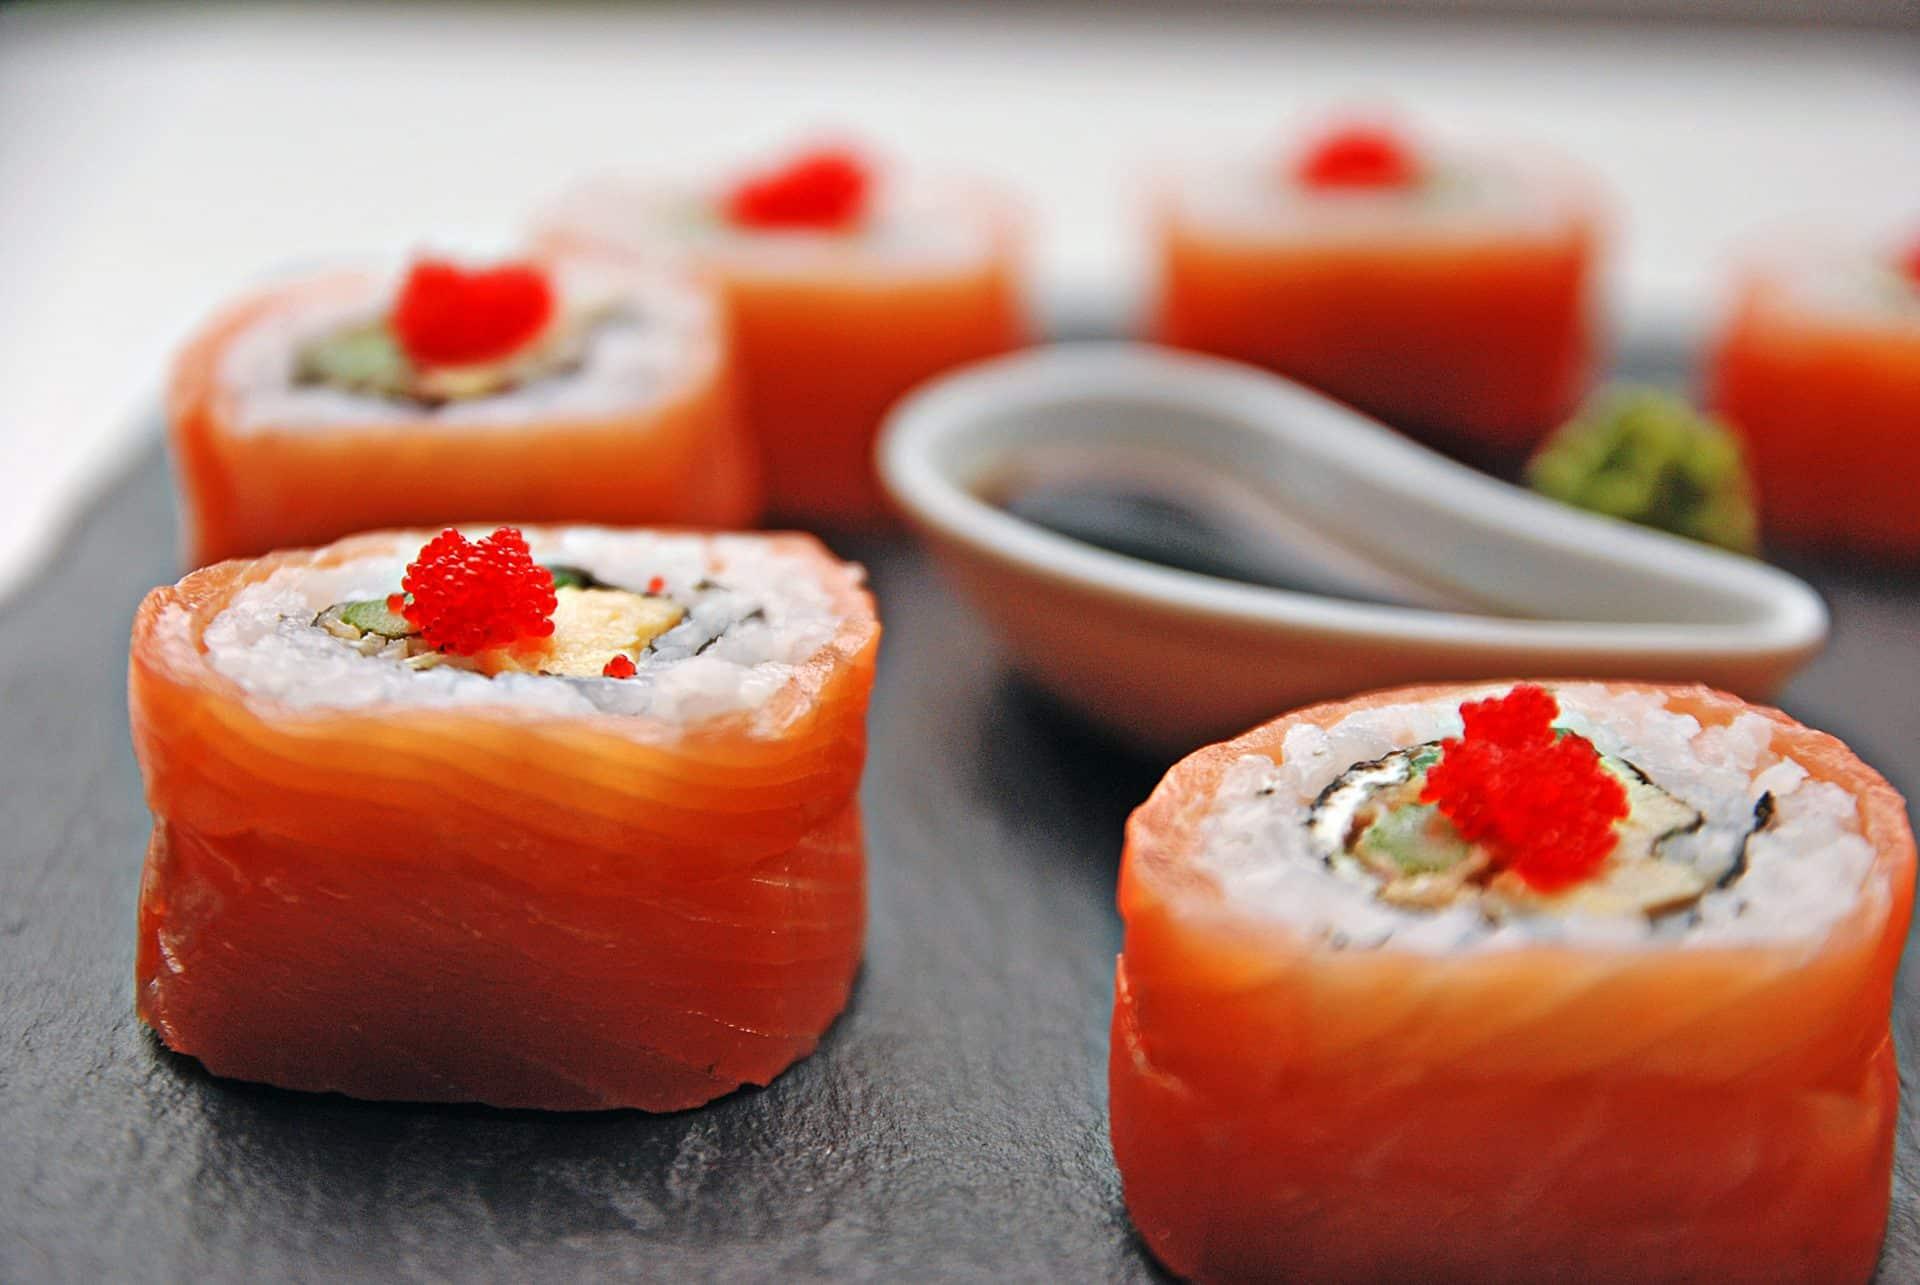 Od poniedziałku do czwartku w godzinach od 14 do 16 możesz skorzystać z 10% zniżki na sushi z dowozem w Krakowie.